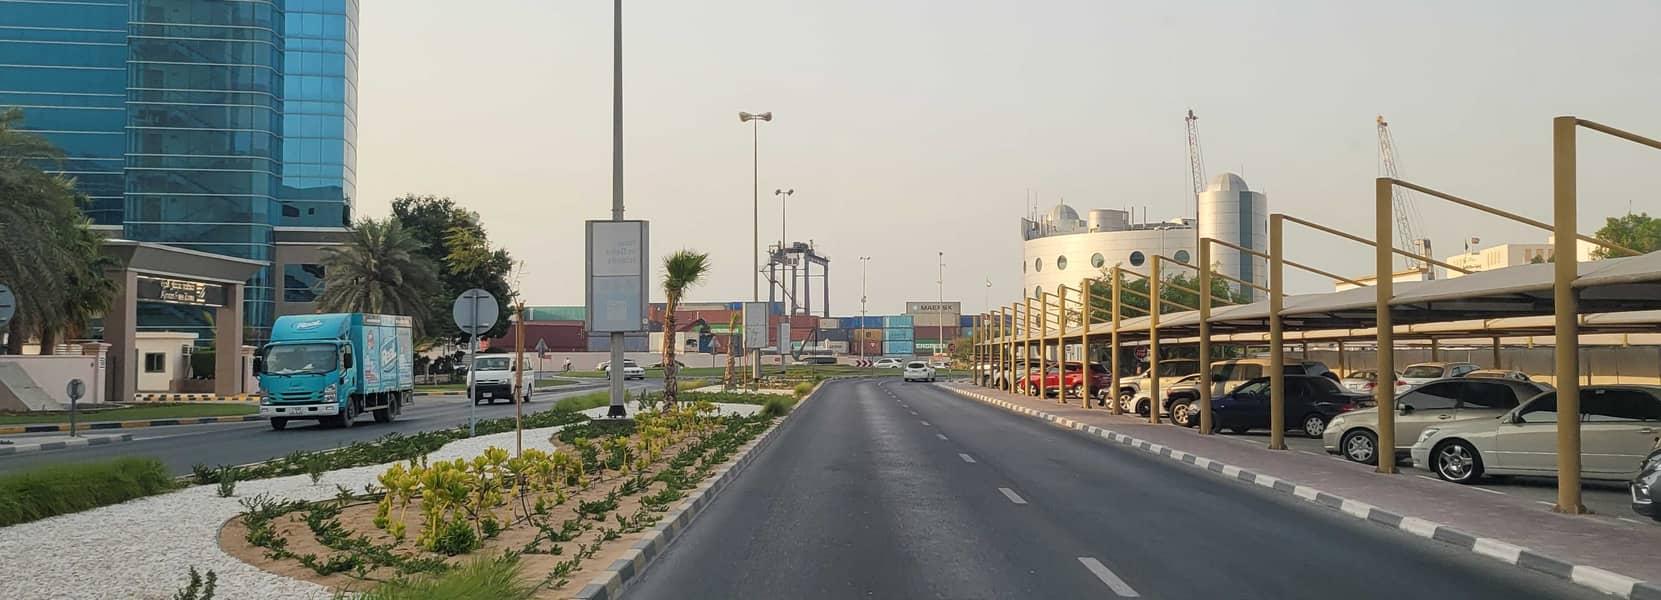 land for sale in ajman opposit ajman port